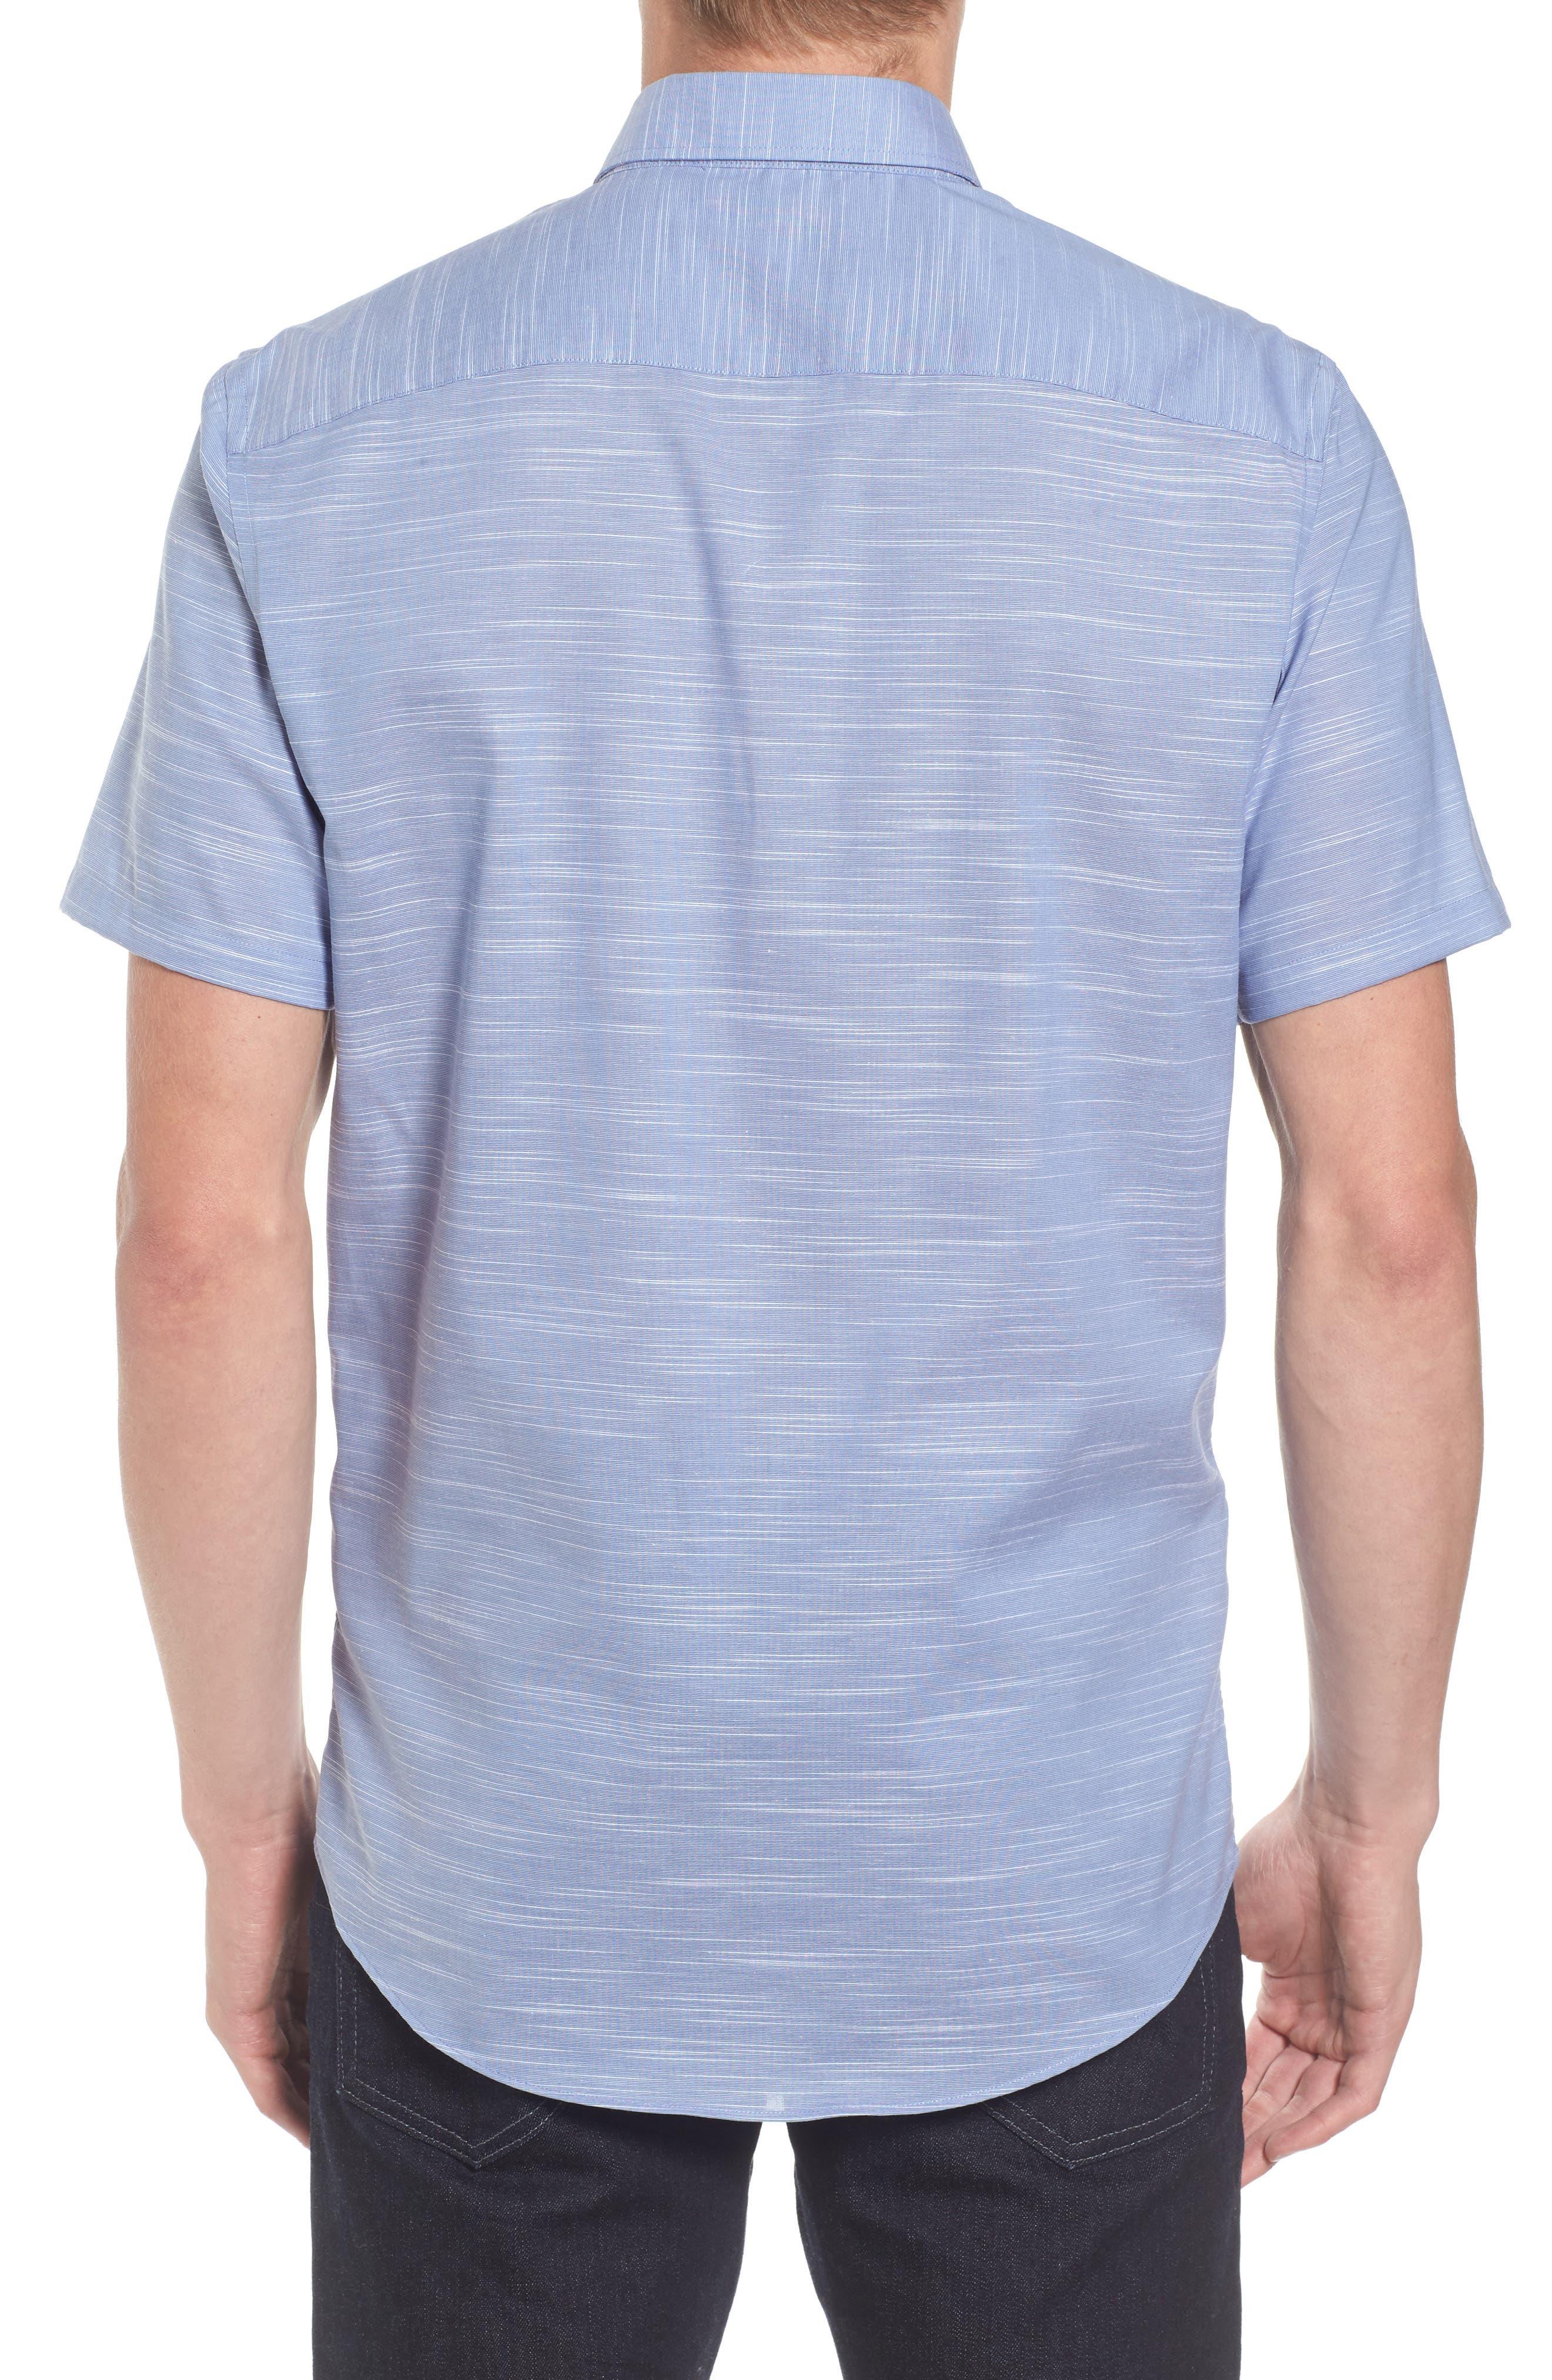 Calilbrate Slim Fit Slub Woven Shirt,                             Alternate thumbnail 5, color,